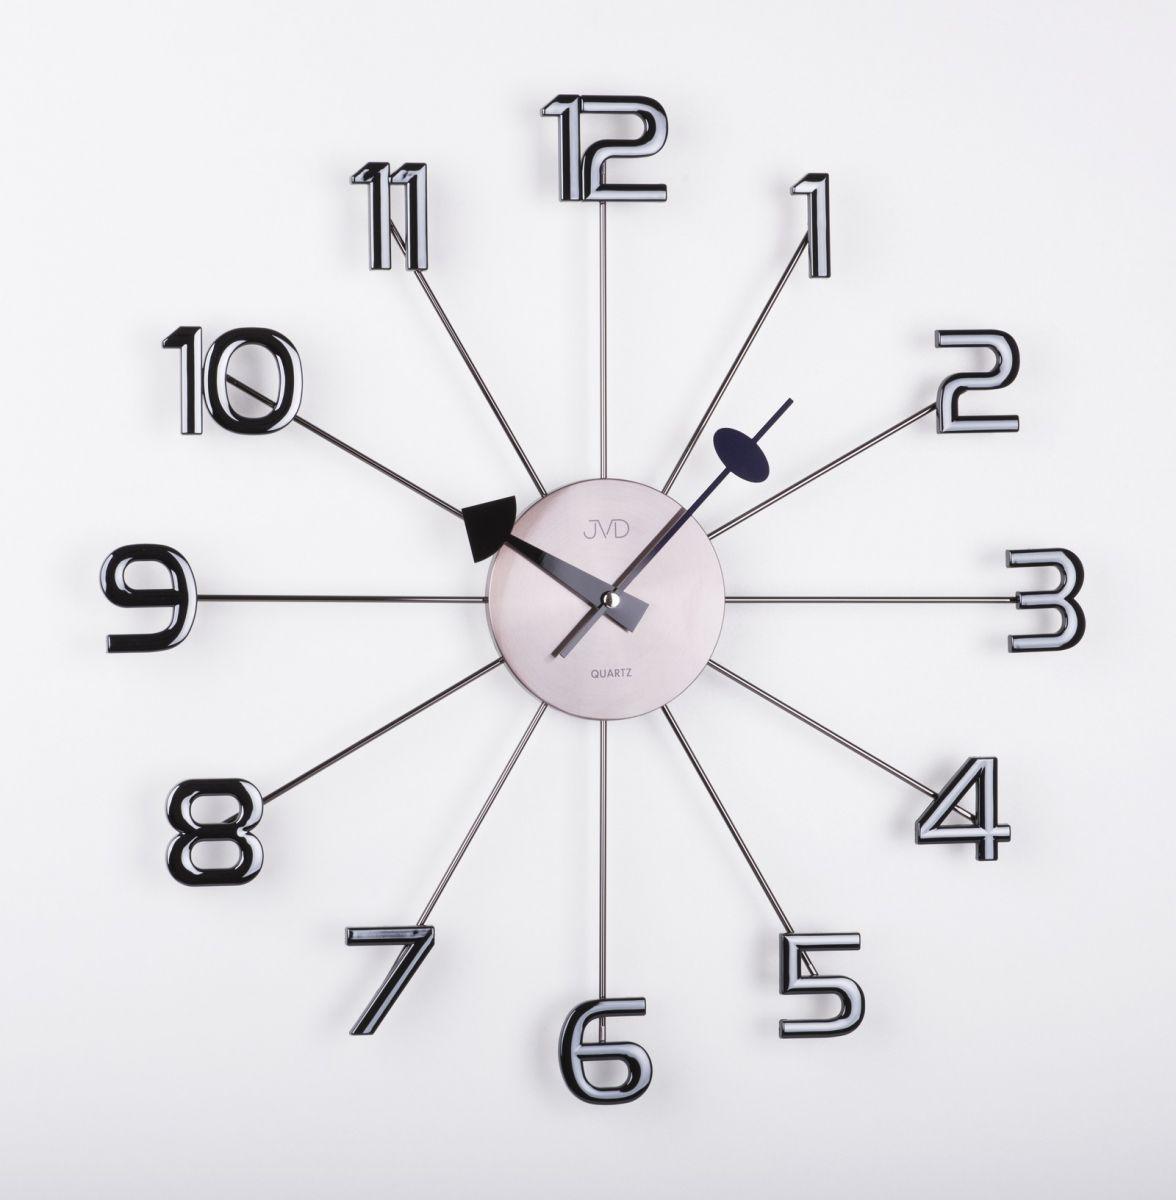 Luxusní paprskovité černé antracitové hodiny JVD HT072.1 s číslicemi (POŠTOVNÉ ZDARMA!!)